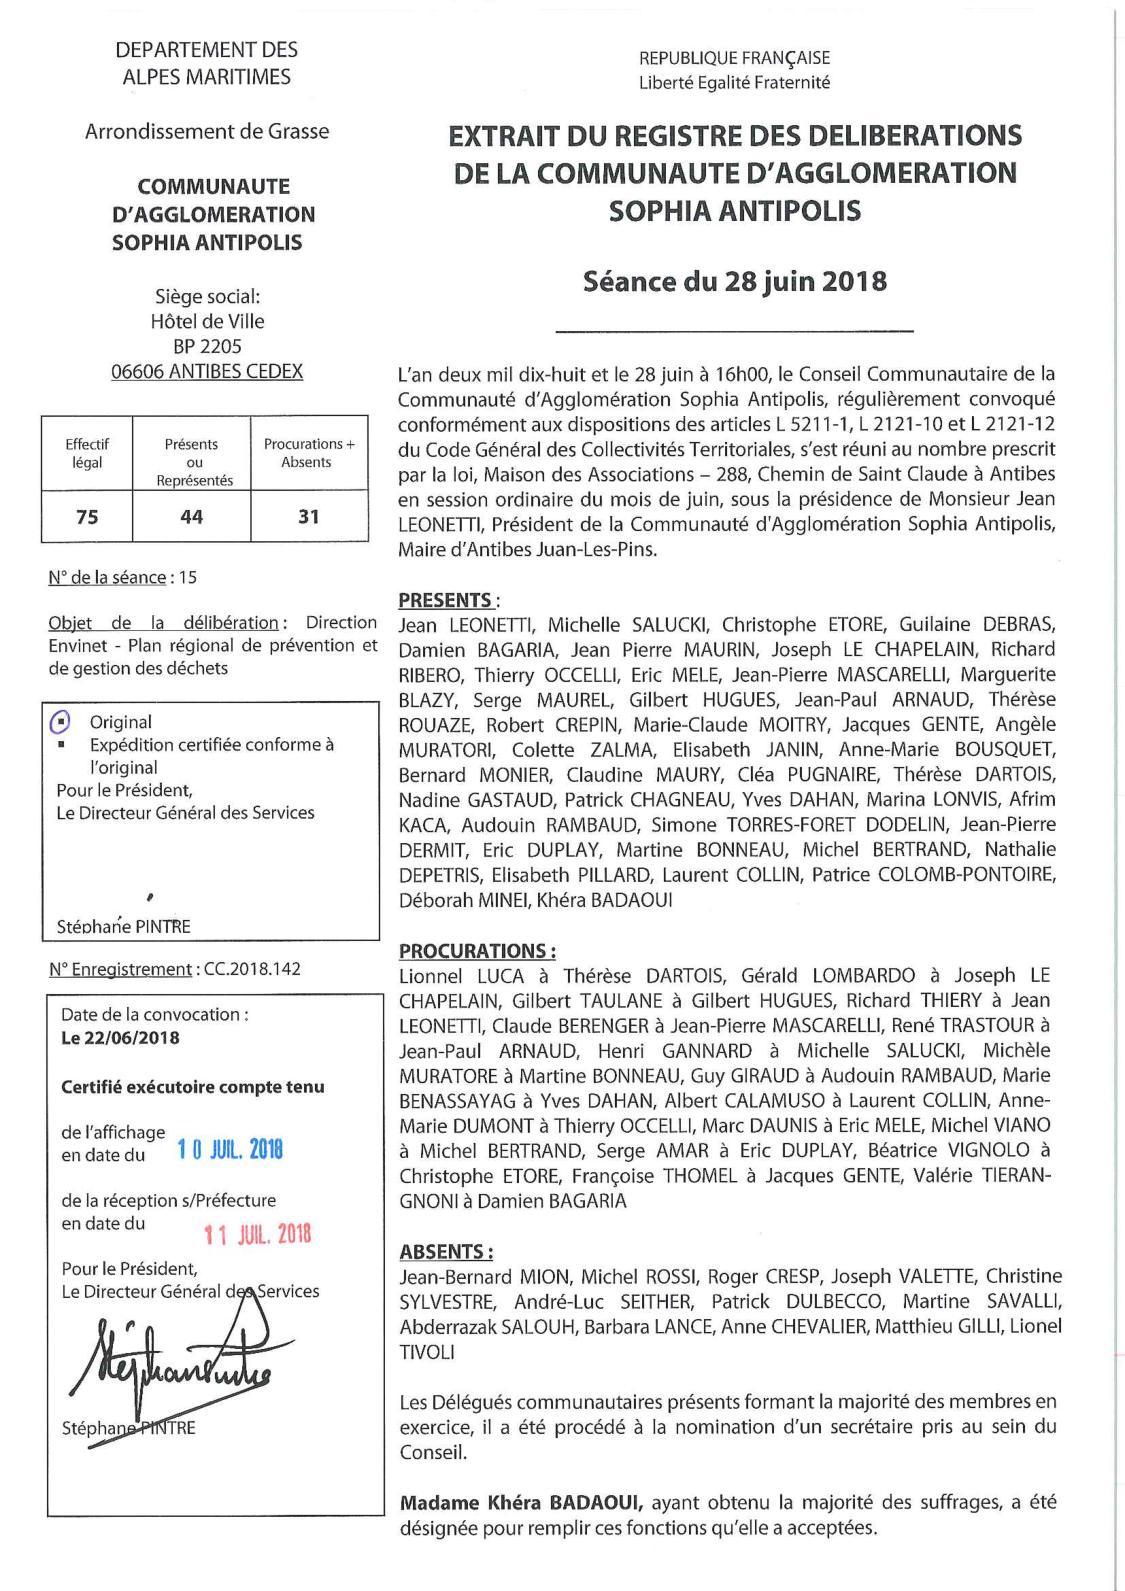 Calaméo - CC 2018 142 DEN - Plan Régional De Prévention Et De Gestion Des  Déchets 788a0b5114b